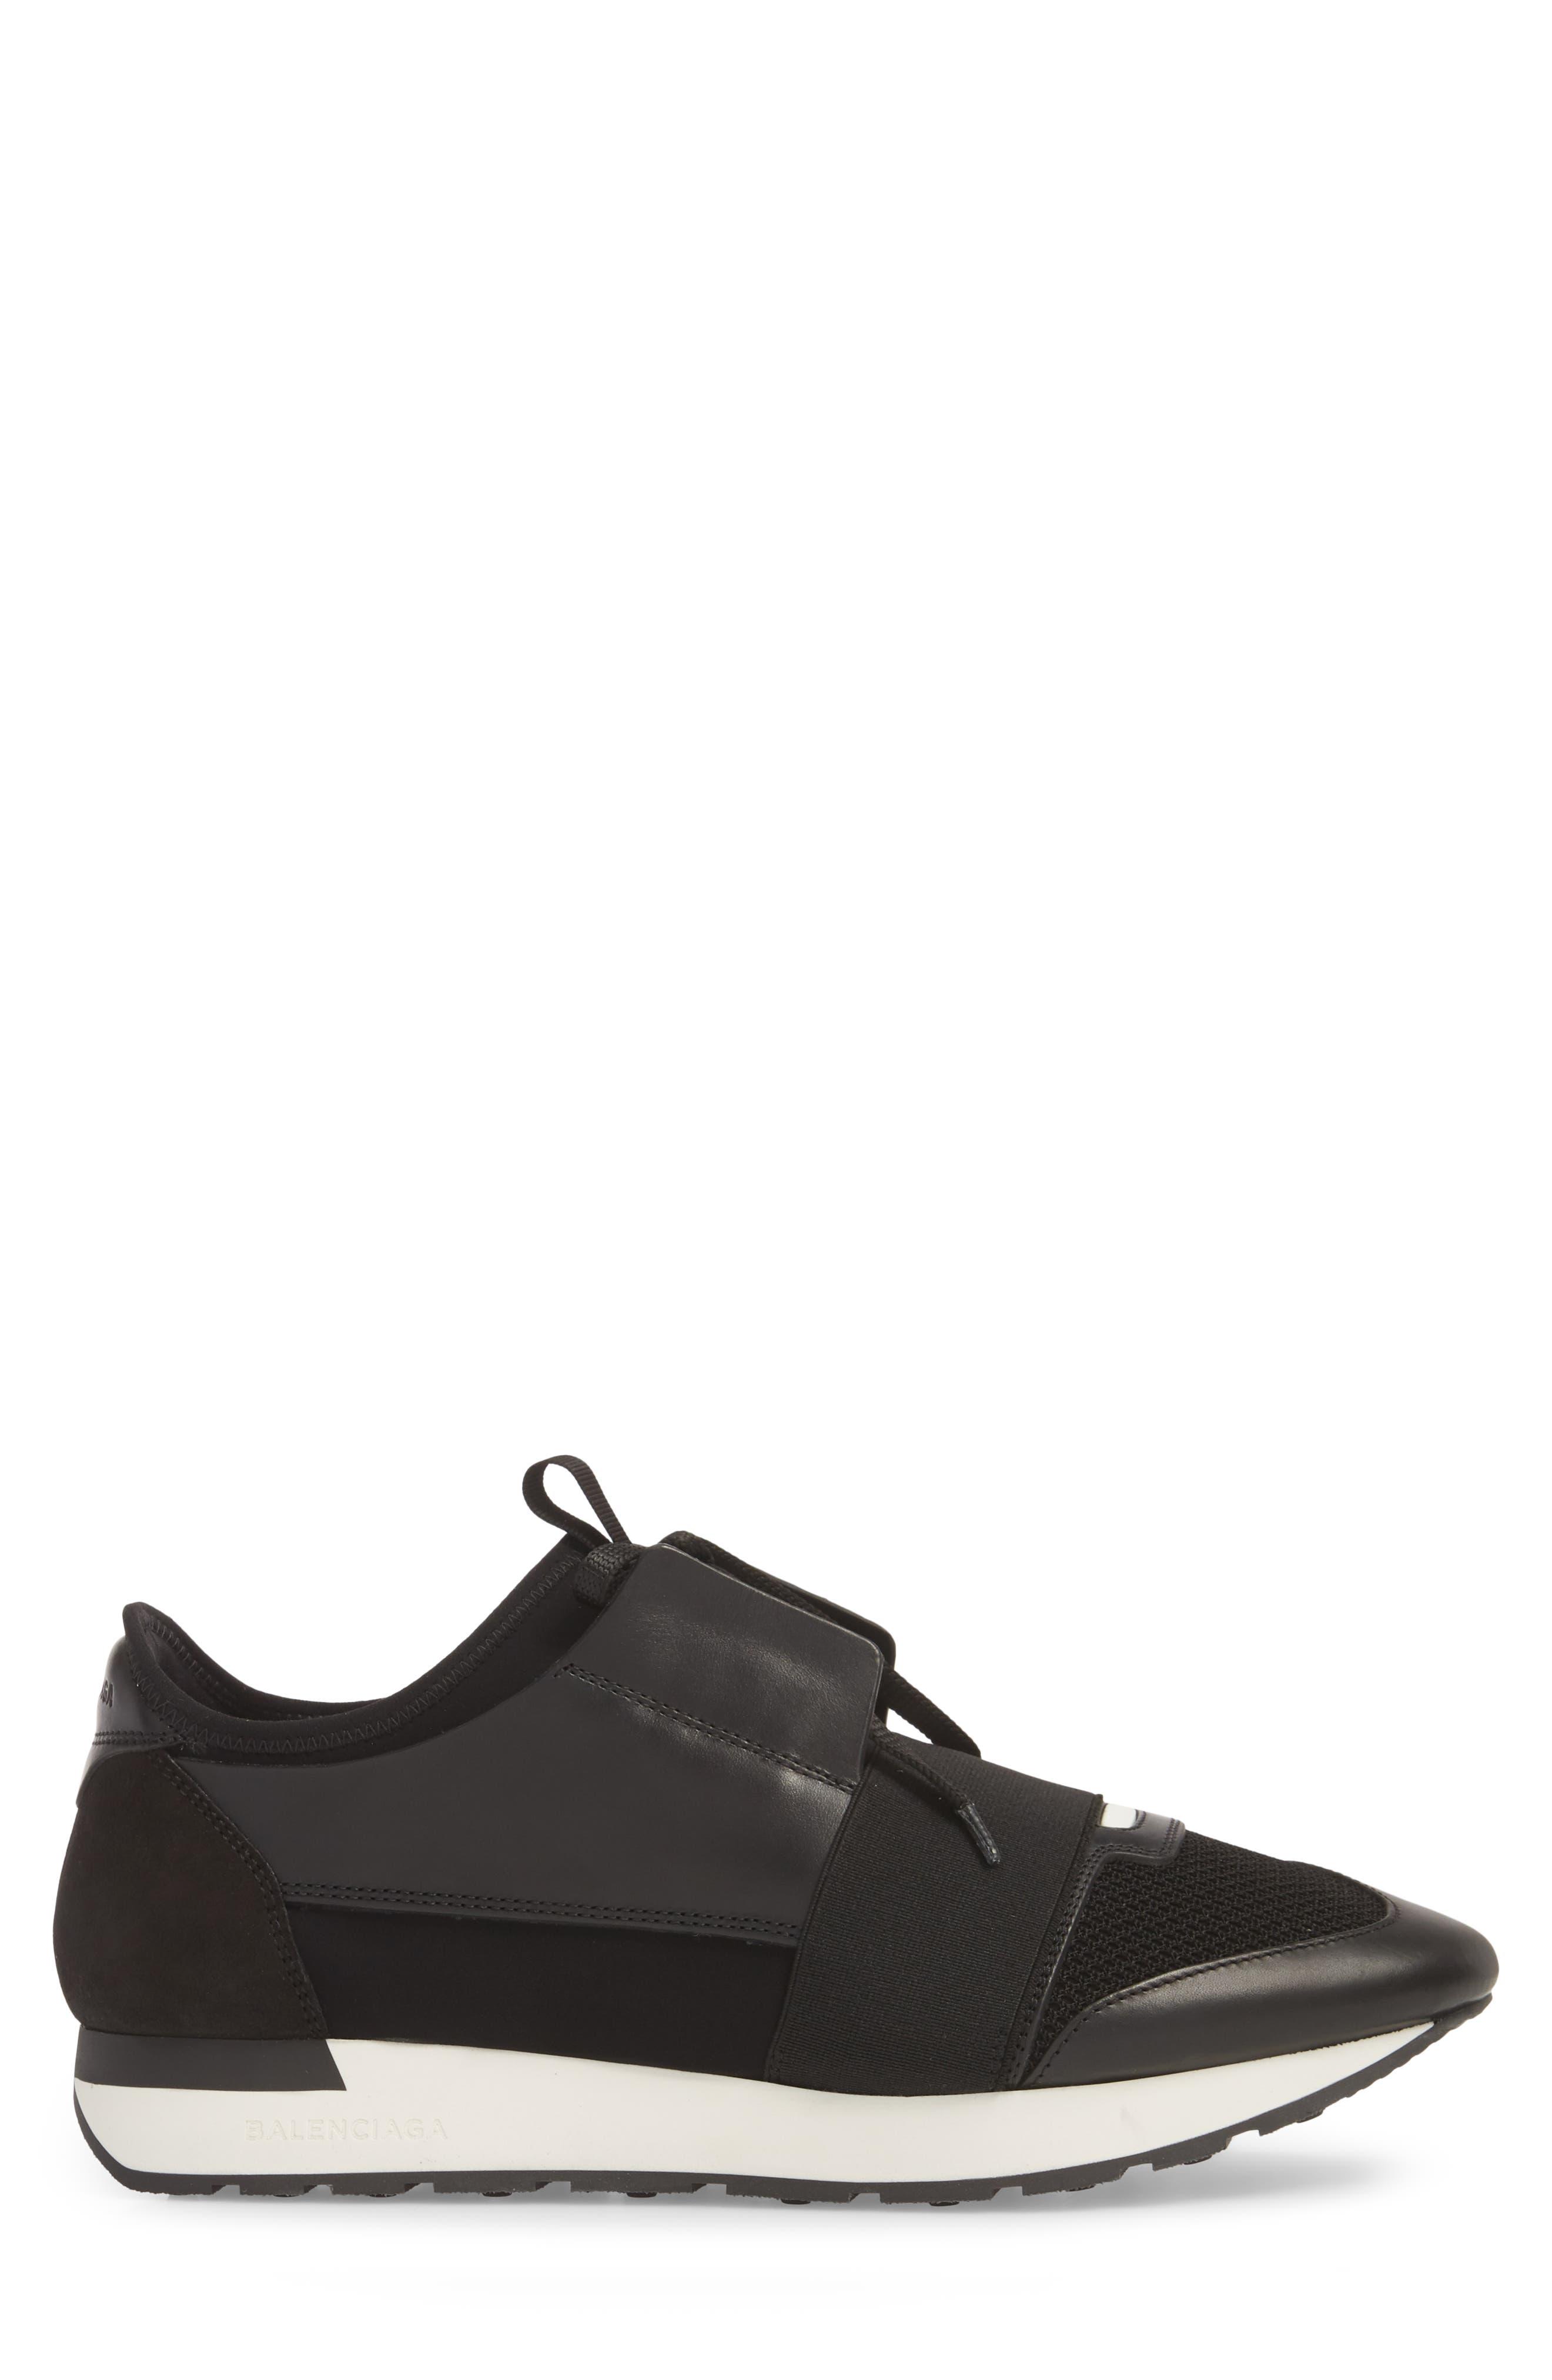 Race Runner Sneaker,                             Alternate thumbnail 4, color,                             Noir/ Black